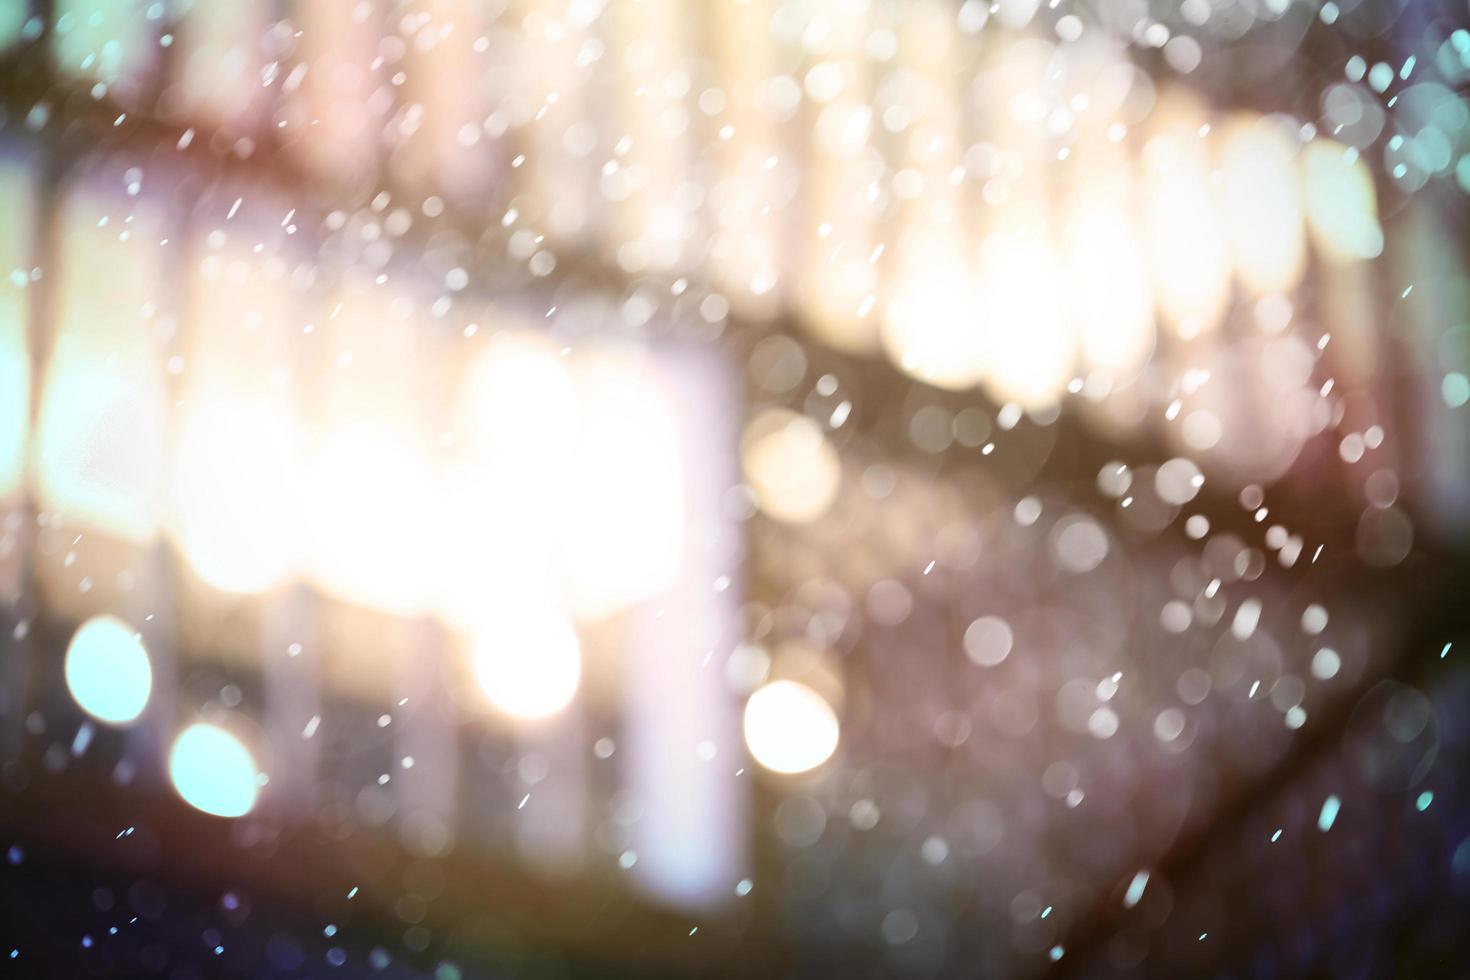 regnerisches Fenster Bokeh foto